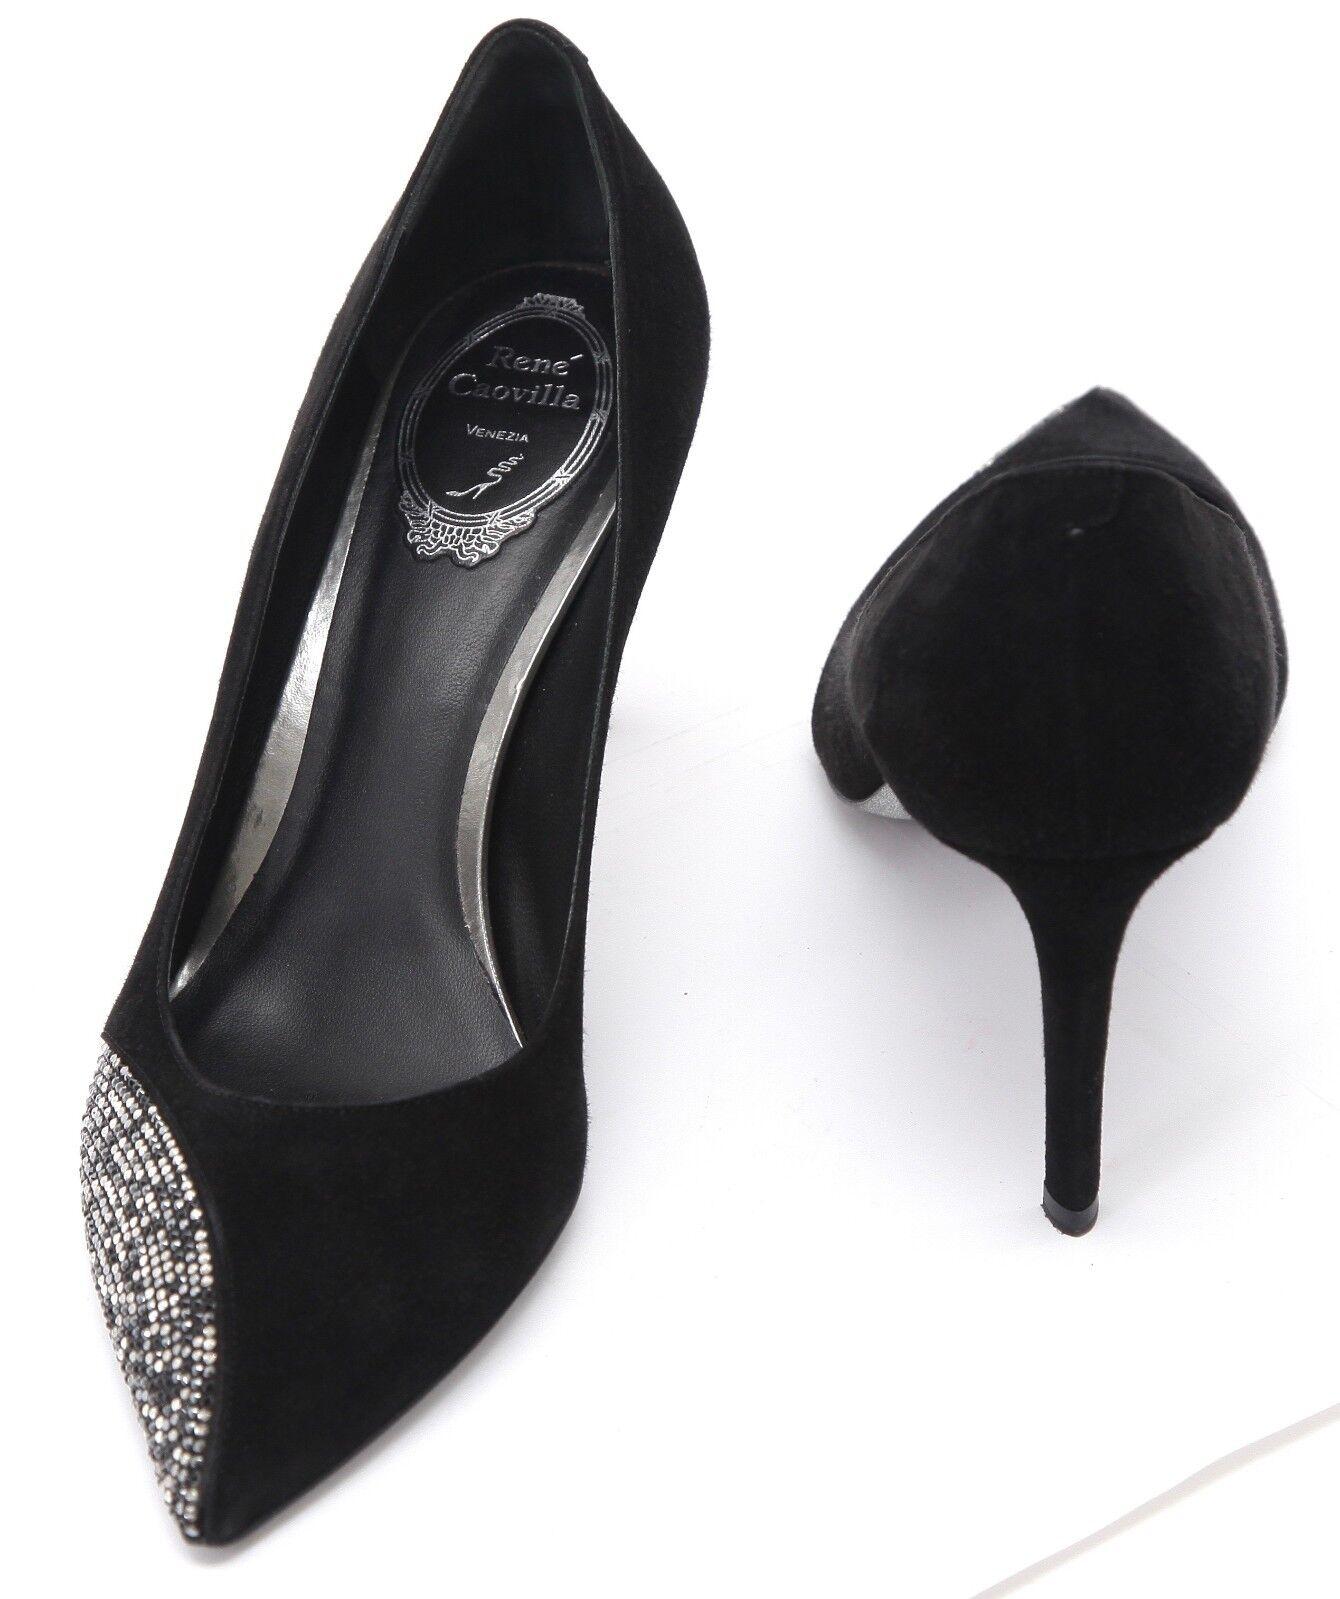 RENE CAOVILLA Black Suede Pump Crystal Pointed Toe Heel Heel Heel Sz 40 59c53e